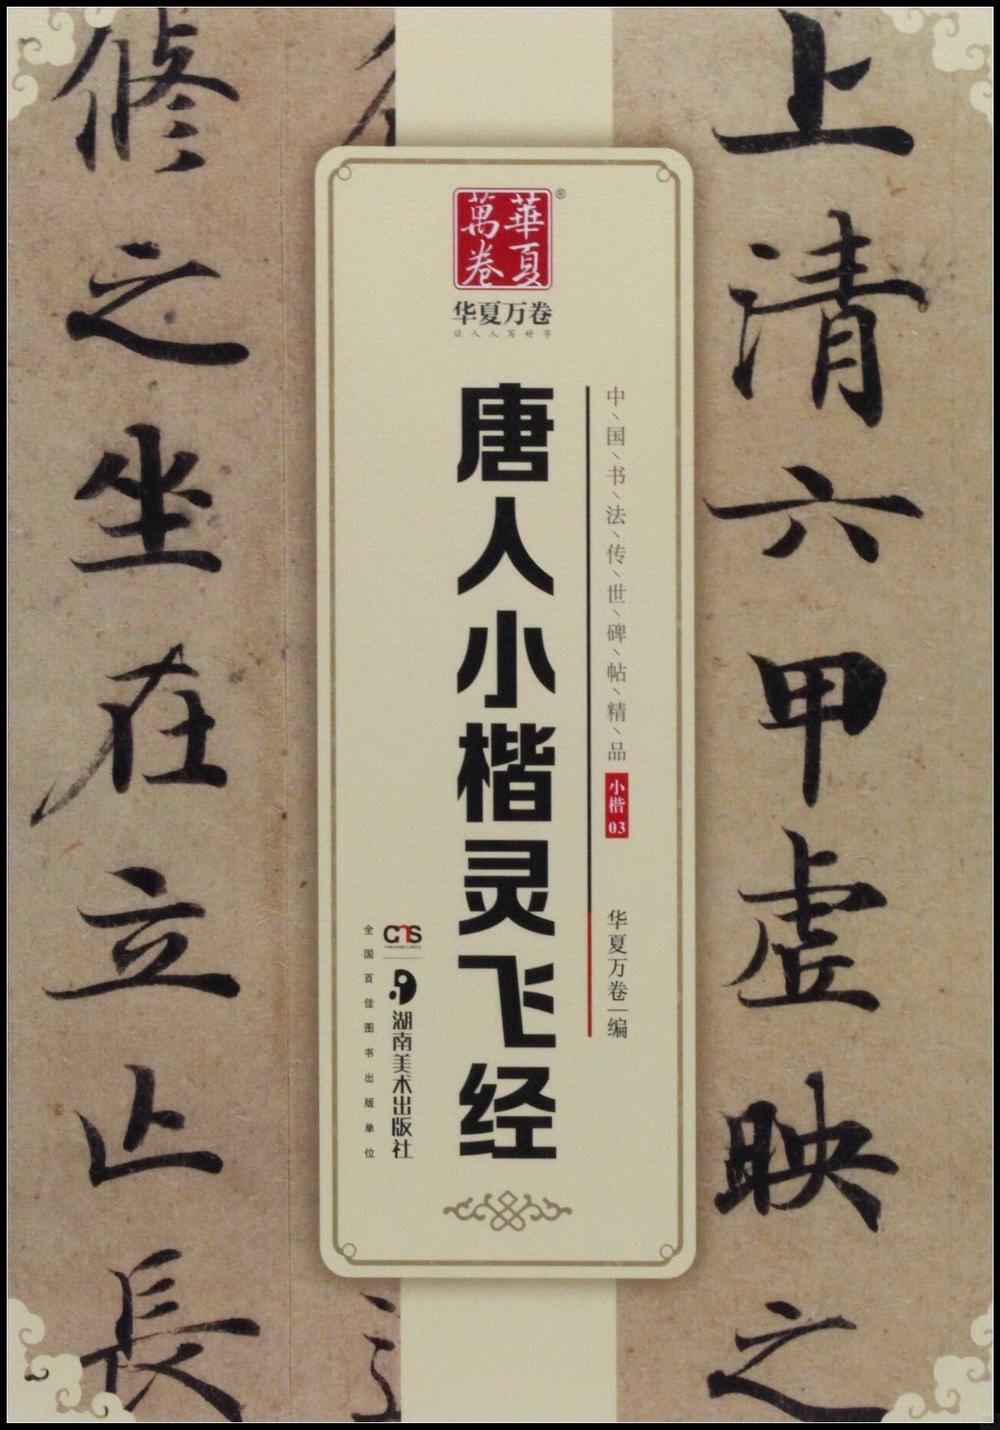 中國書法傳世碑帖精品·小楷.03:唐人小楷靈飛經